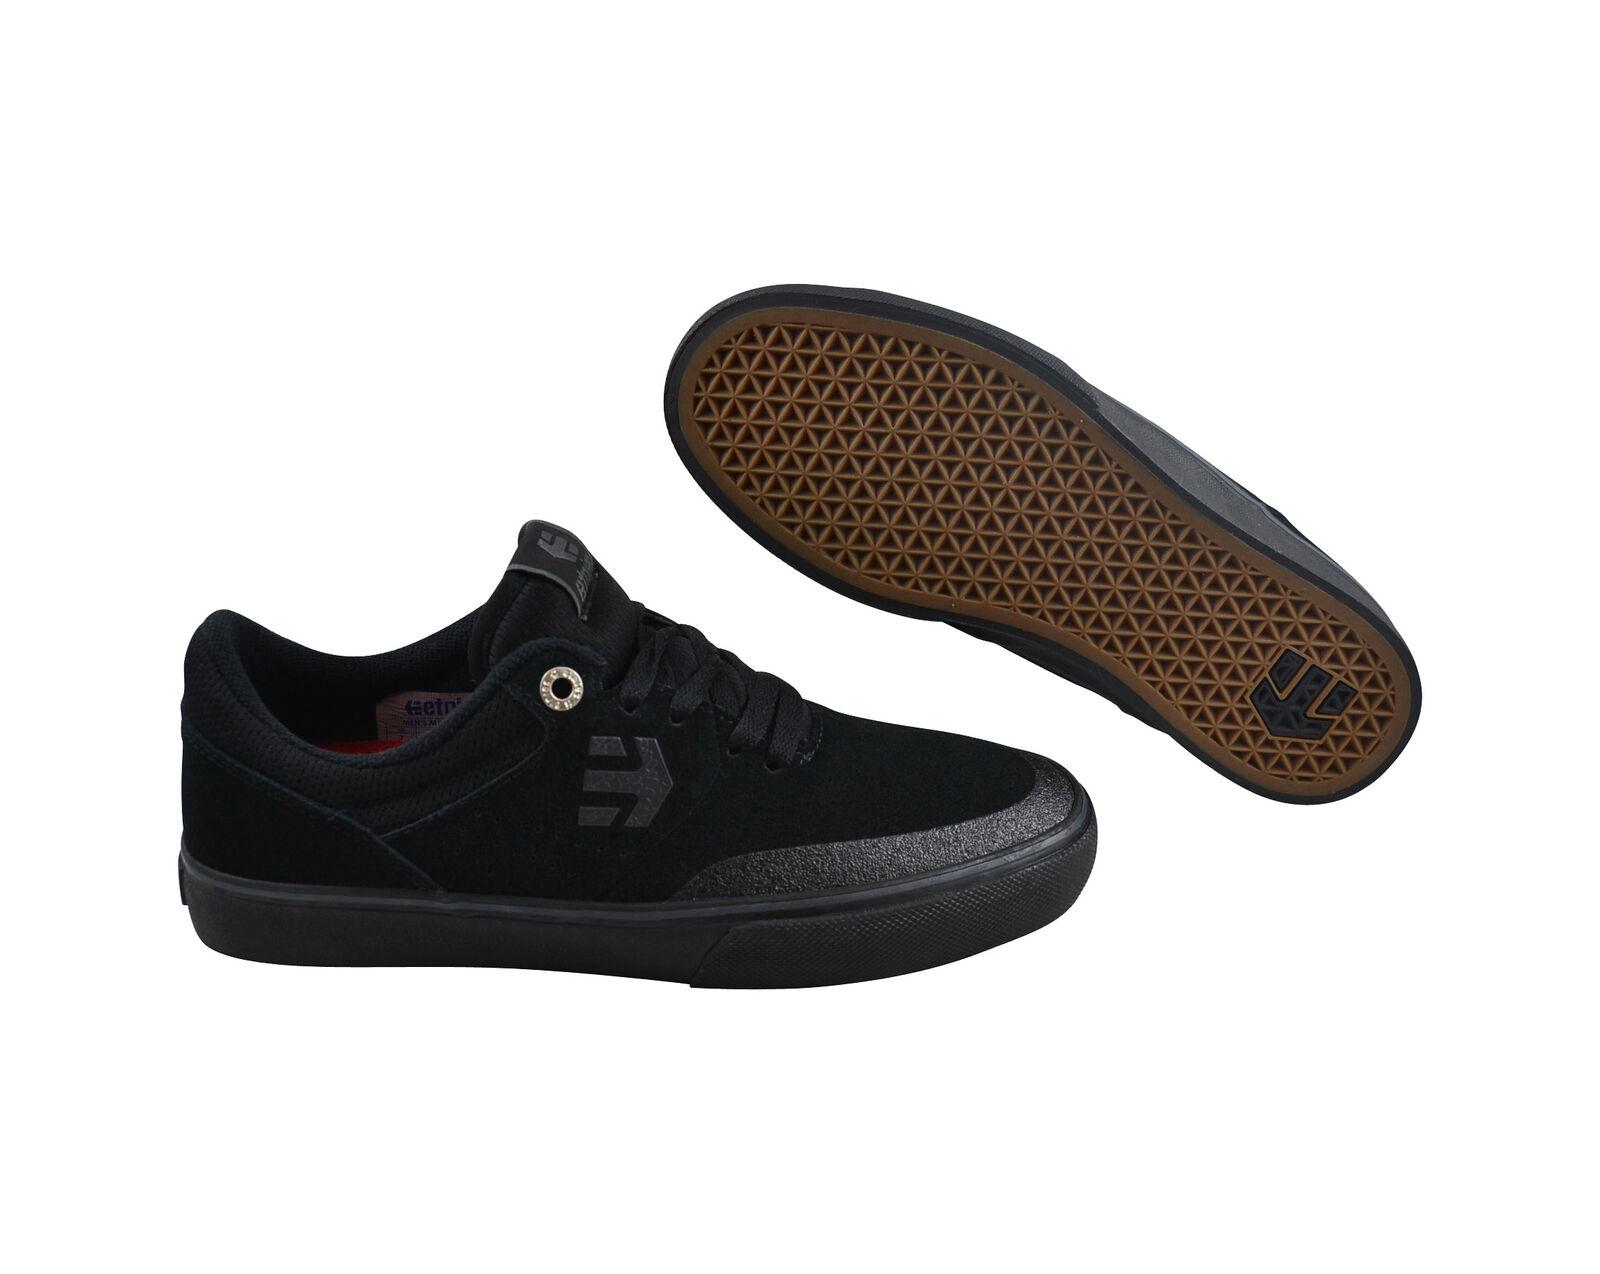 Etnies Marana Vulc schwarz schwarz gum Skater Turnschuhe Schuhe schwarz